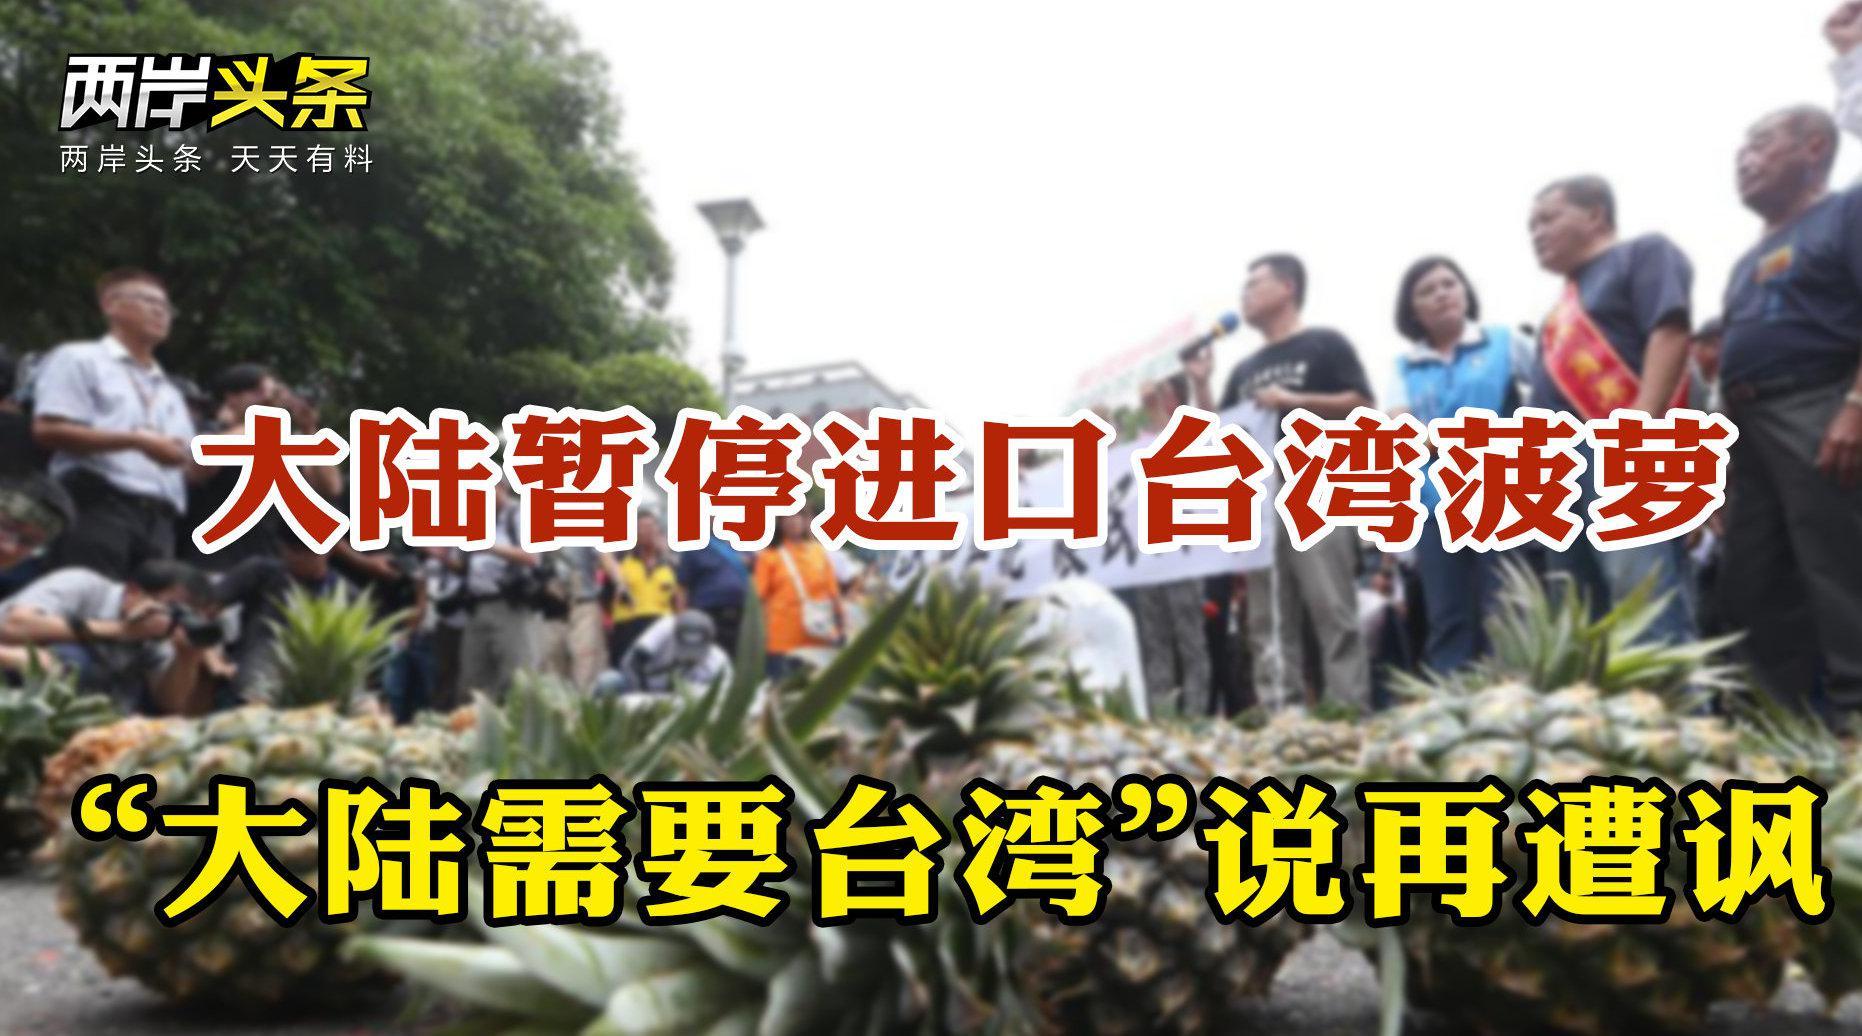 """大陆暂停进口台湾菠萝 """"大陆需要台湾""""说再遭讽"""